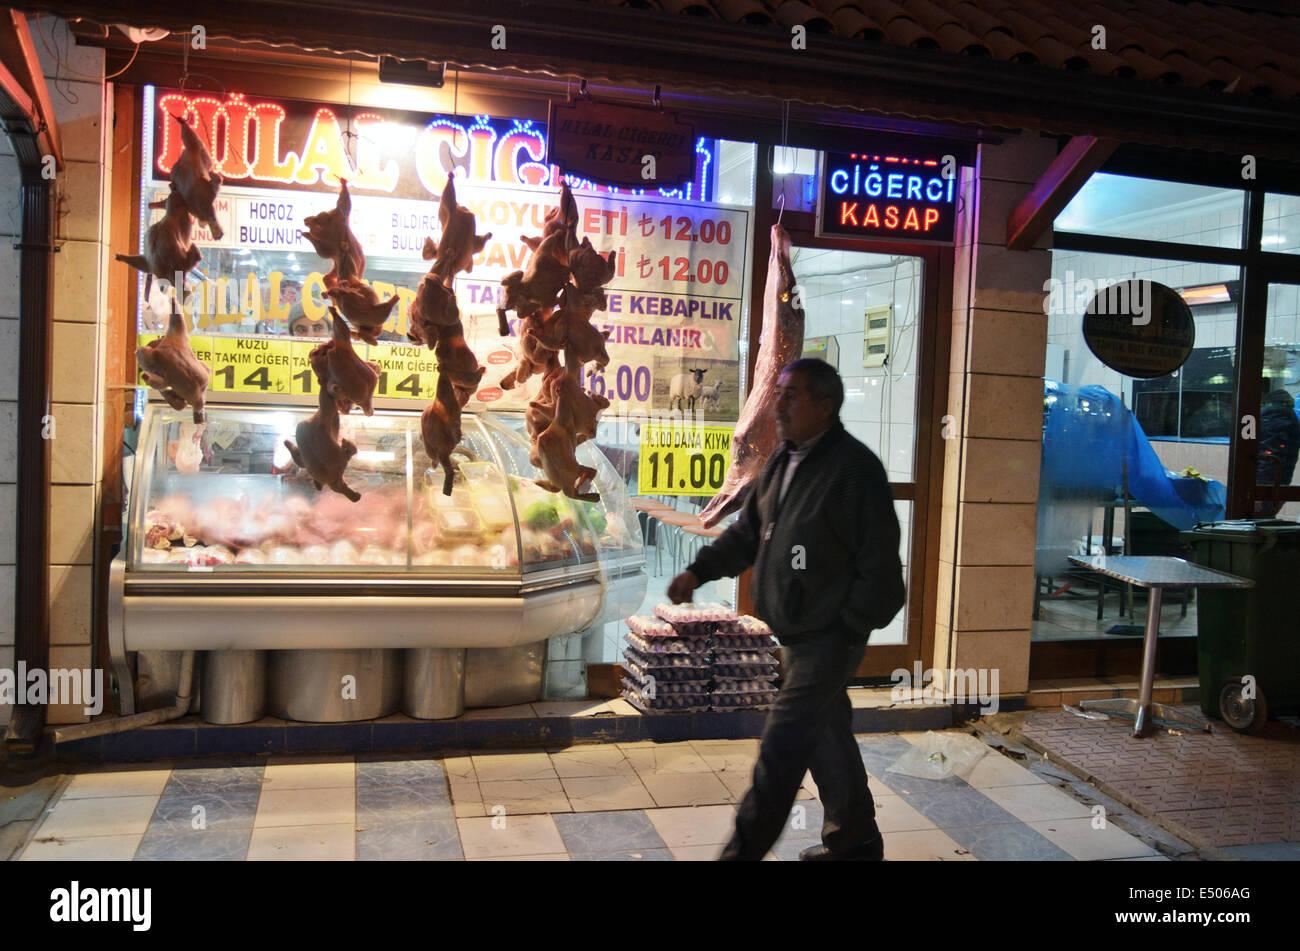 Passerby walks near meat shop, Konya, Turkey - Stock Image